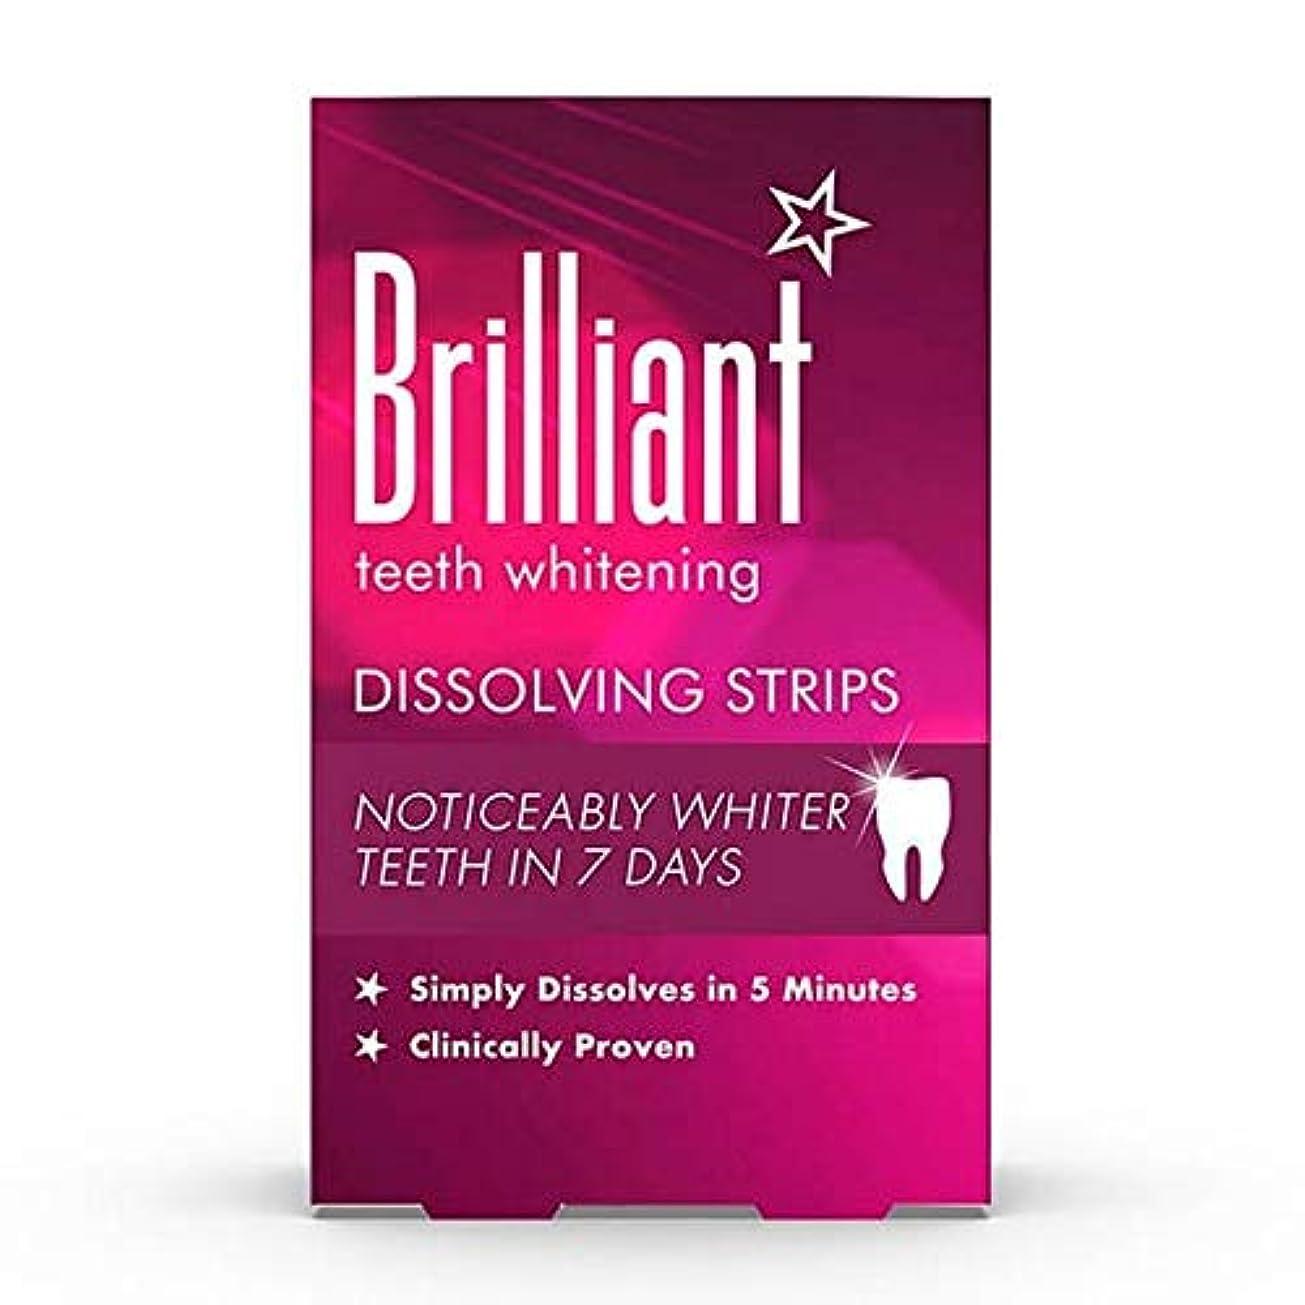 不愉快に哲学的許す[Brilliant] 華麗なホワイトニング溶解ストリップ - Brilliant Whitening Dissolving Strips [並行輸入品]